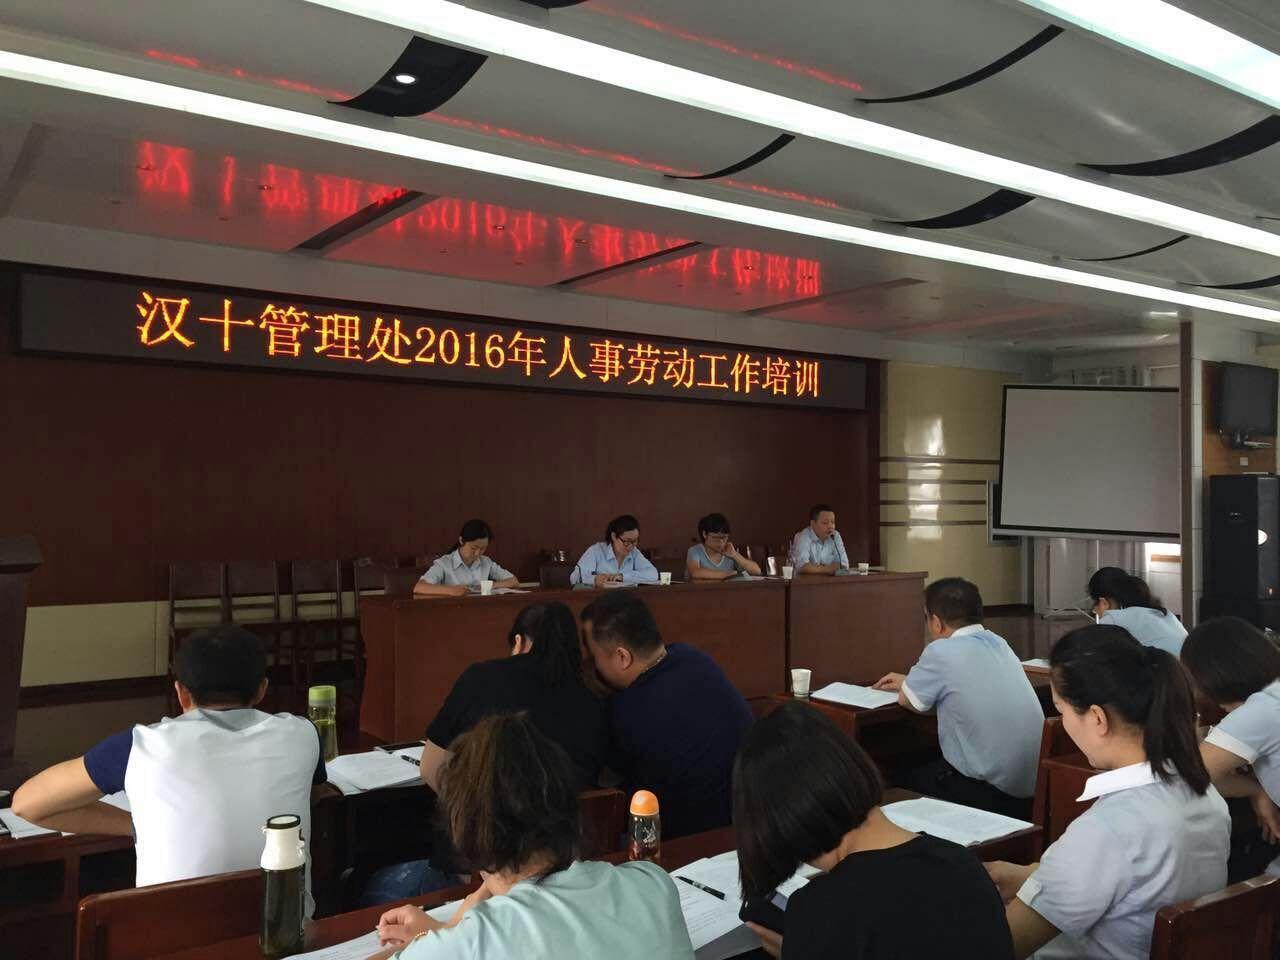 汉十高速管理处(随州)人事劳动培训顺利开展